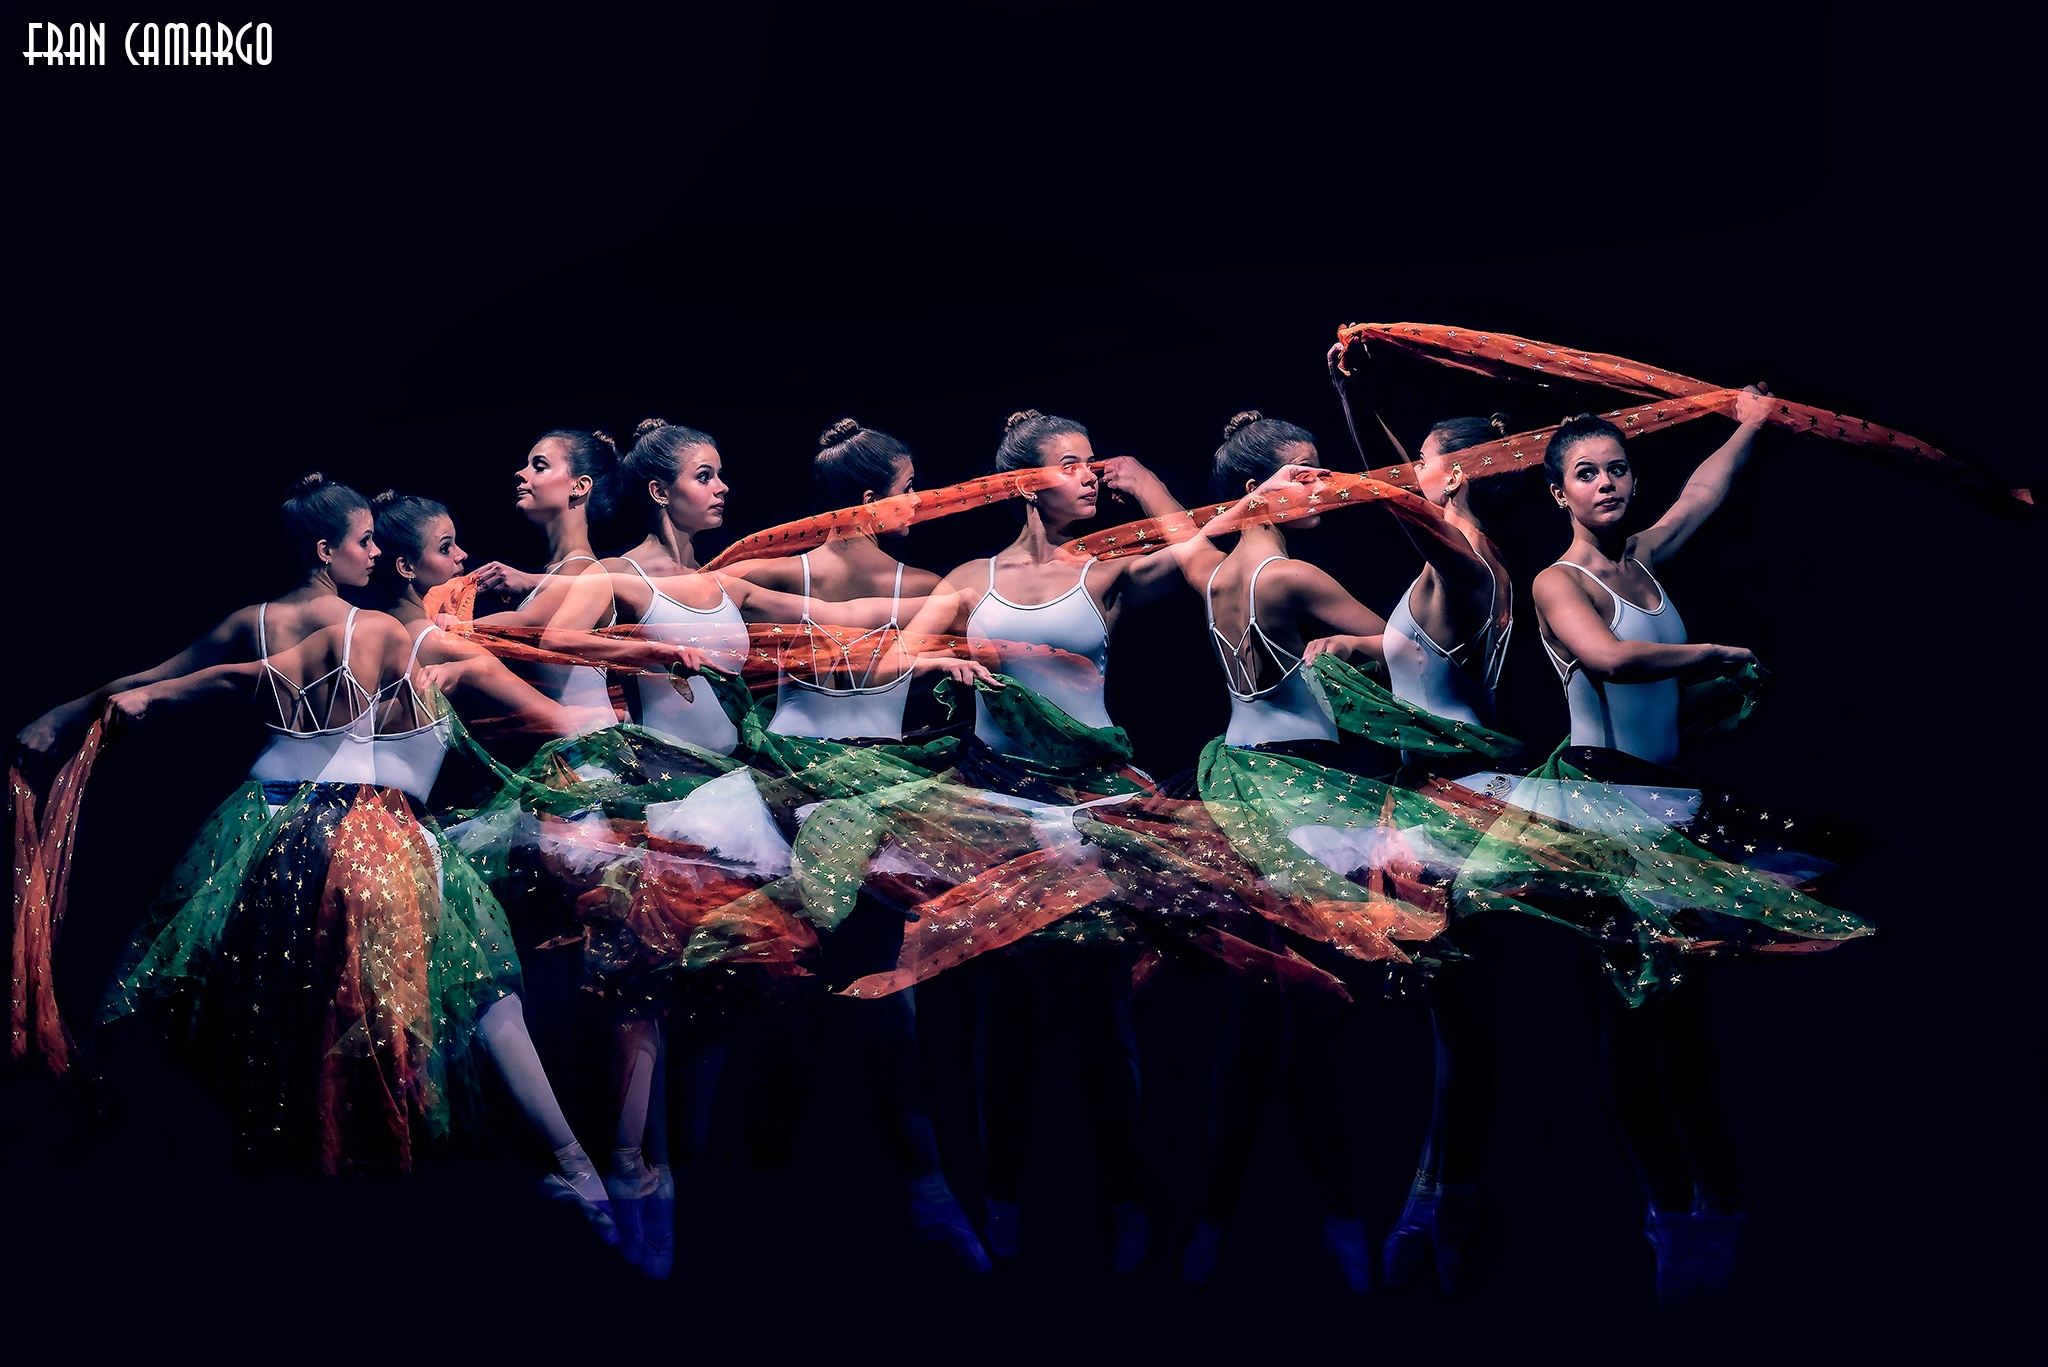 Ballet by Fran Camargo